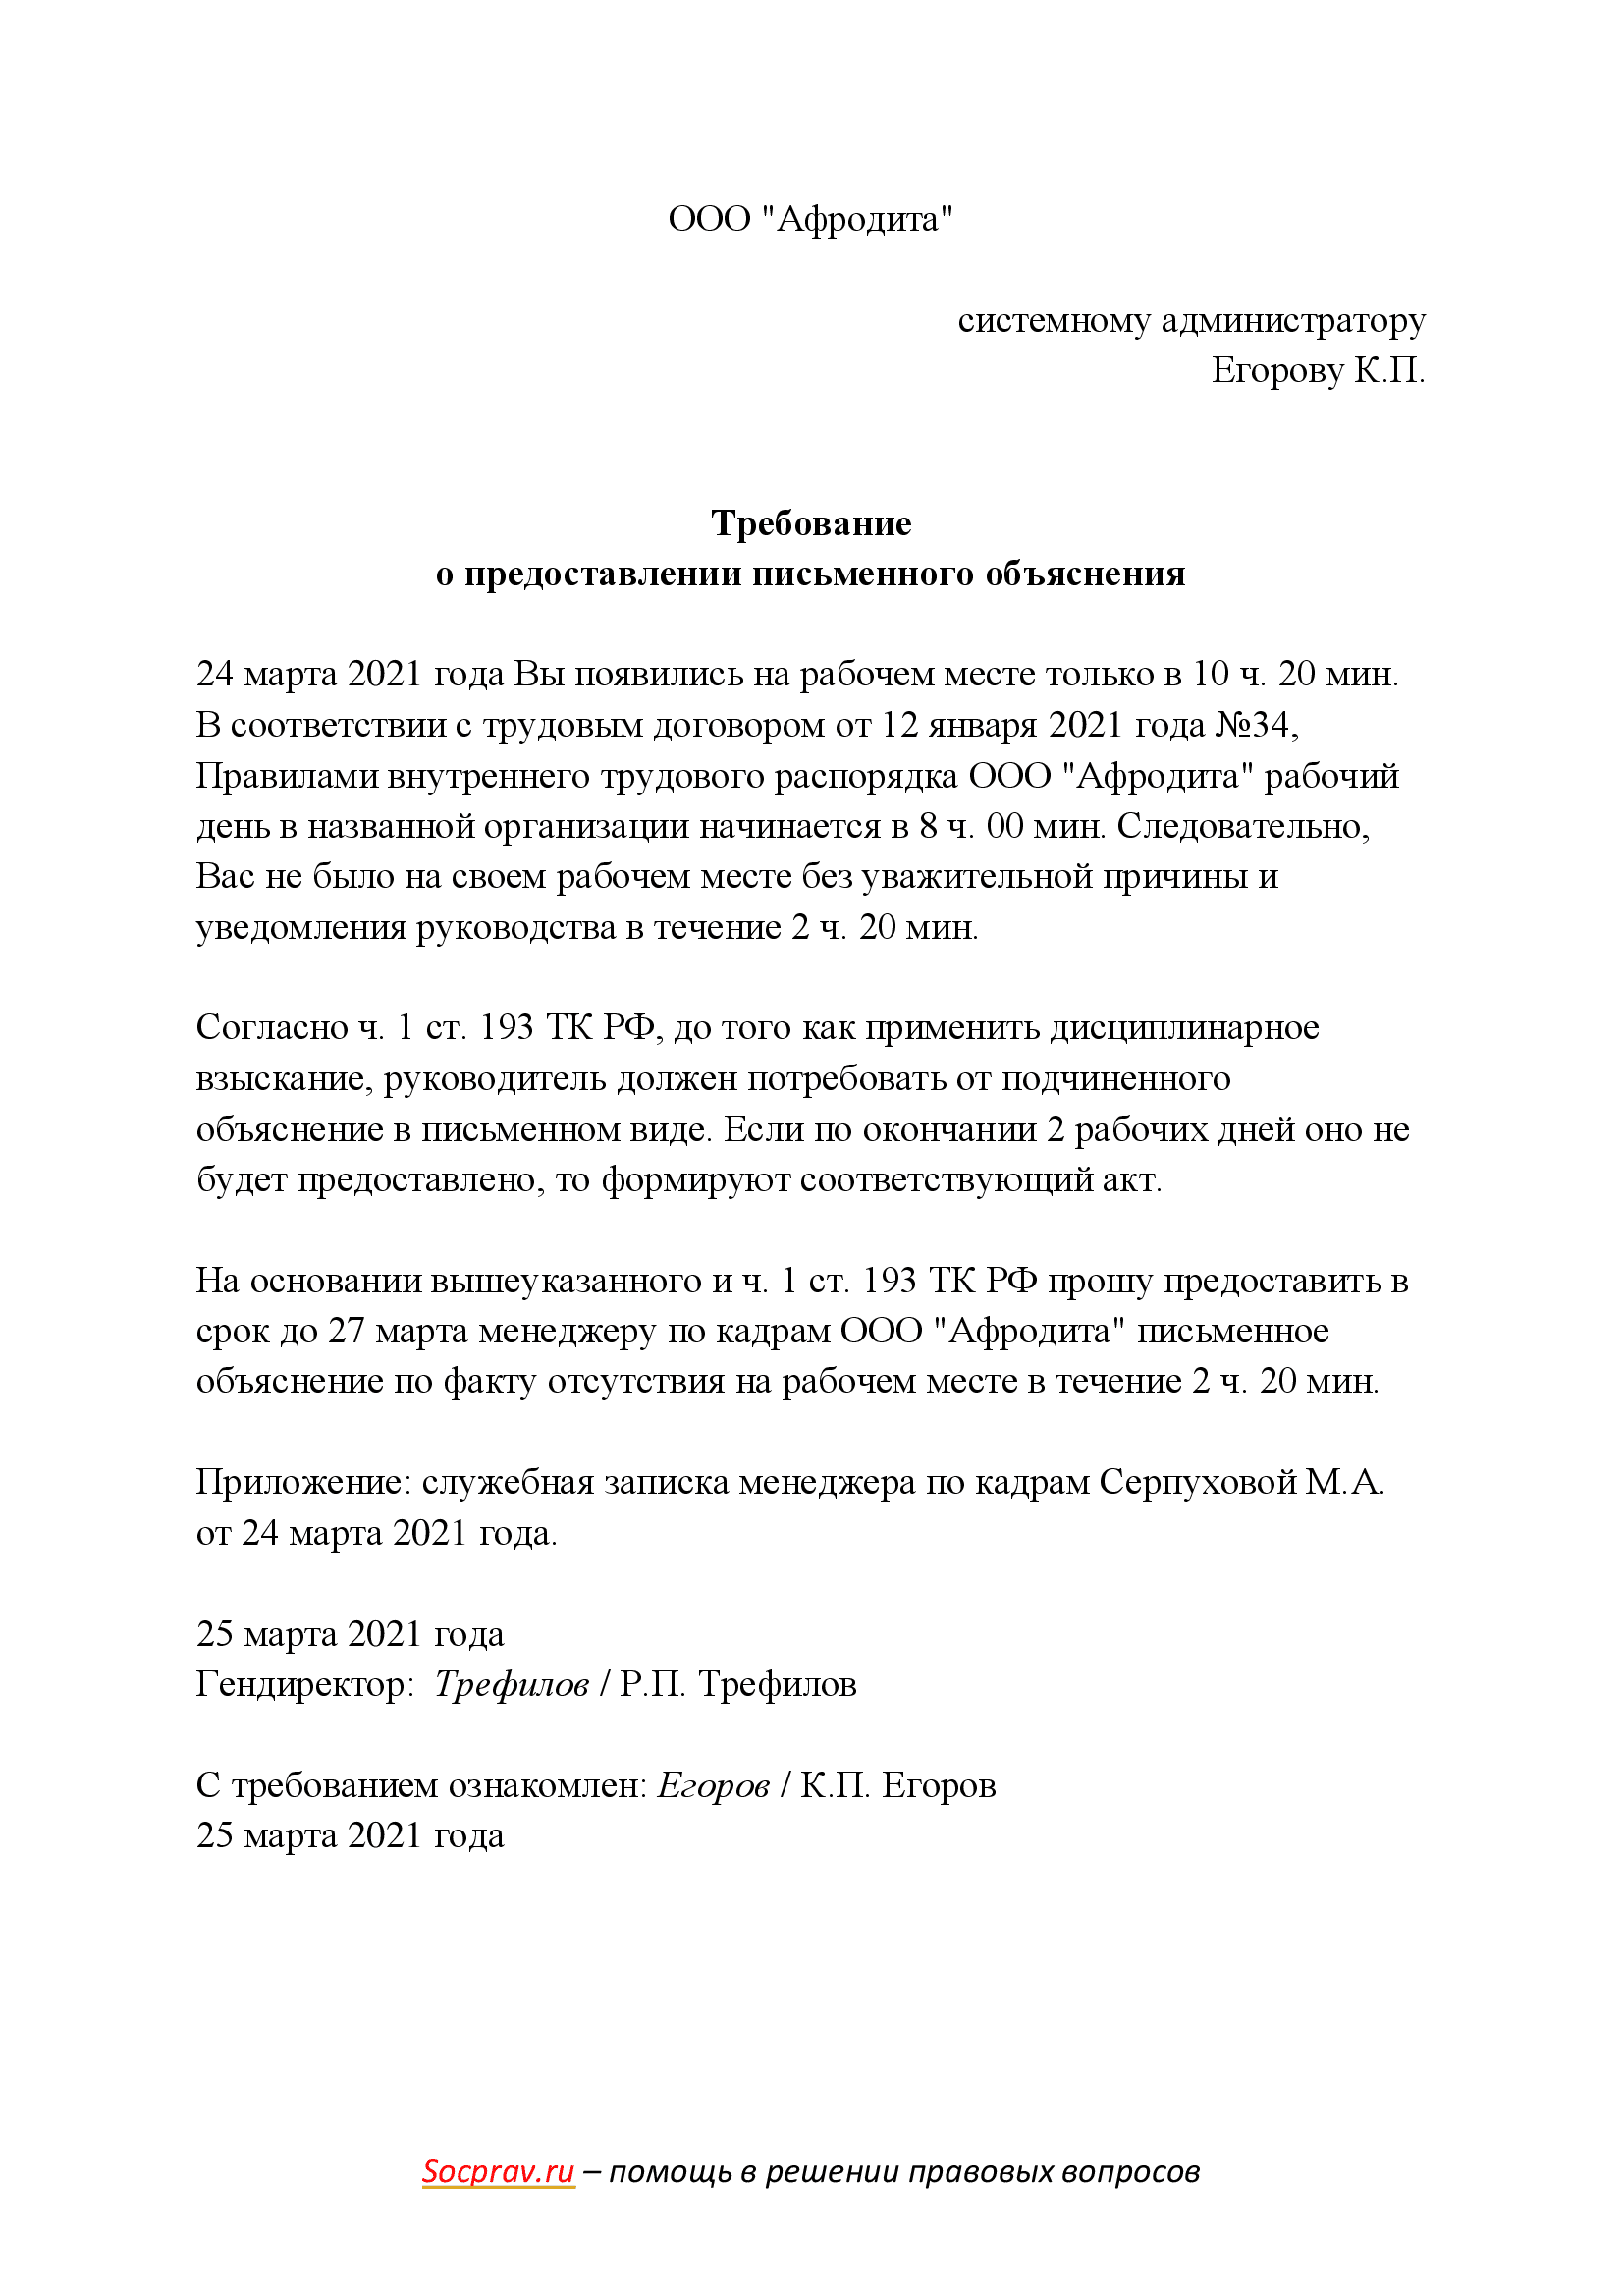 Требование о предоставлении письменного объяснения